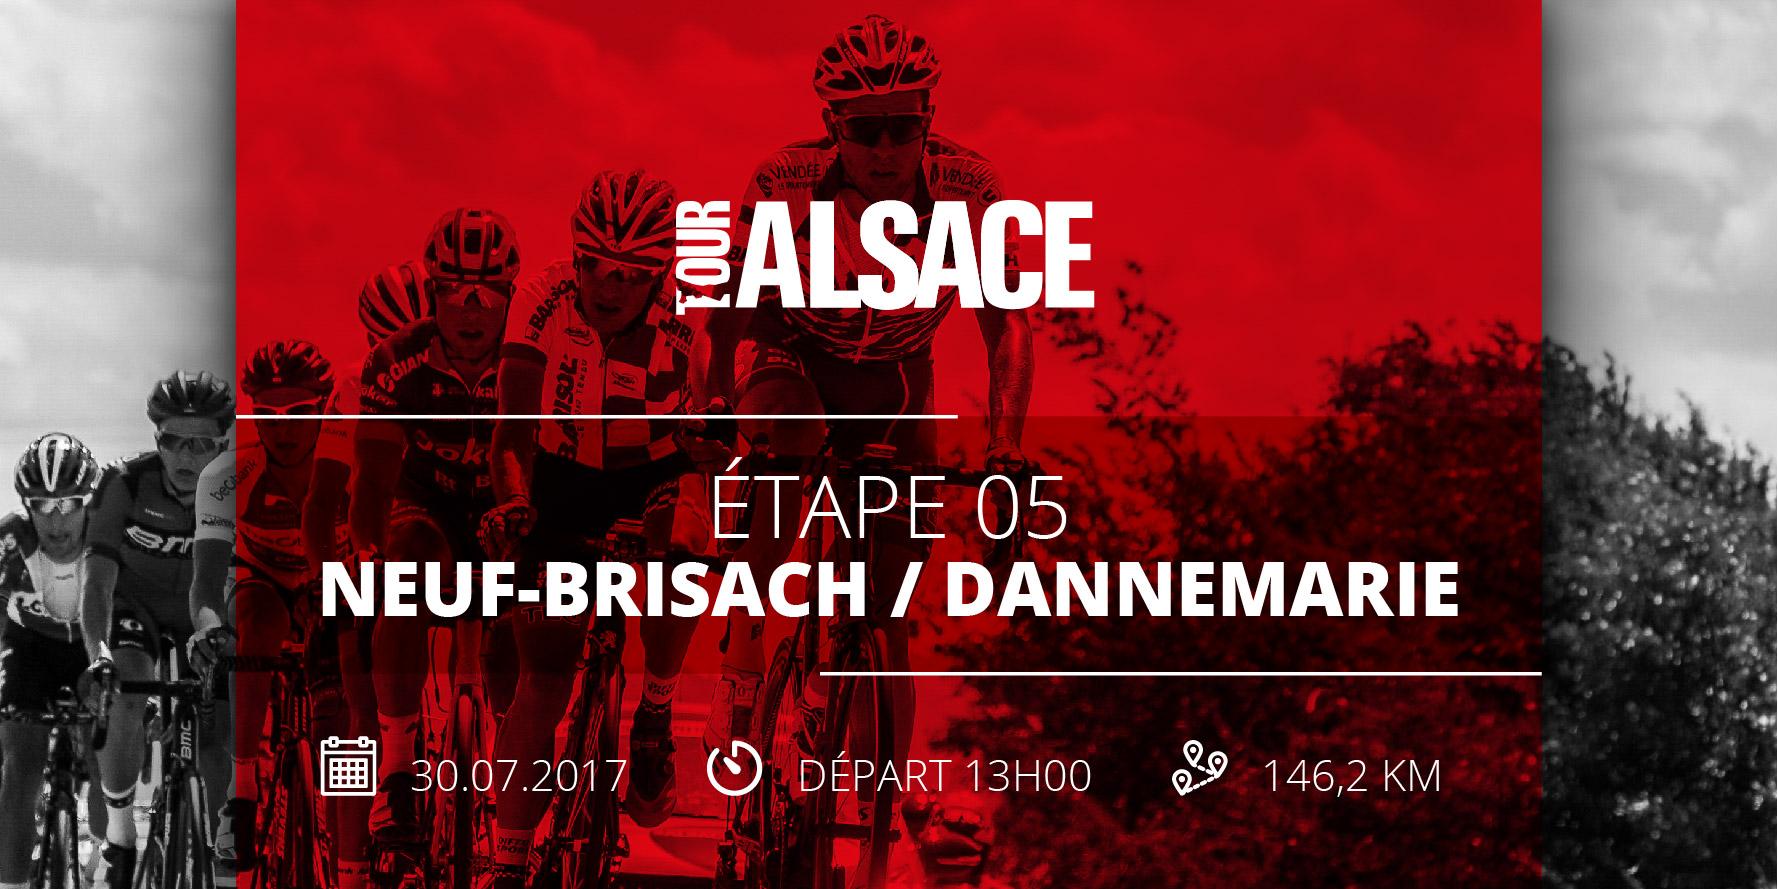 Tour alsace 2017 Neuf Brisach Dannemarie